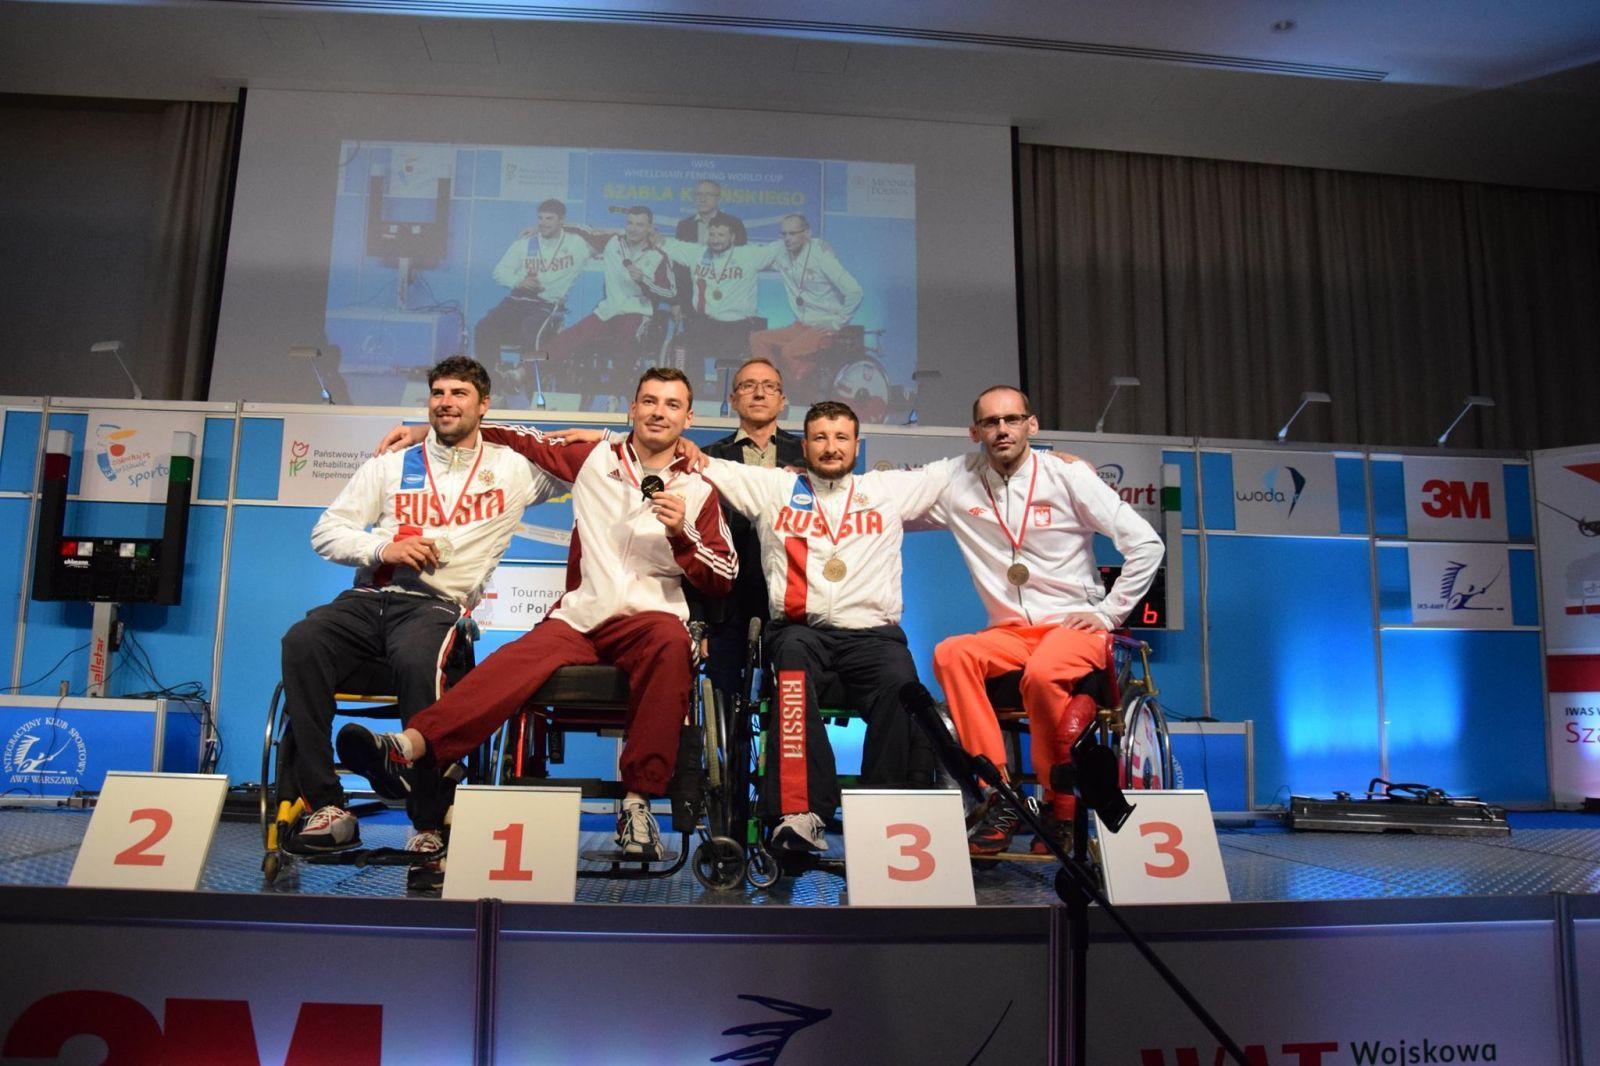 12 российских спортсменов стали чемпионами и призерами Кубка мира по фехтованию на колясках